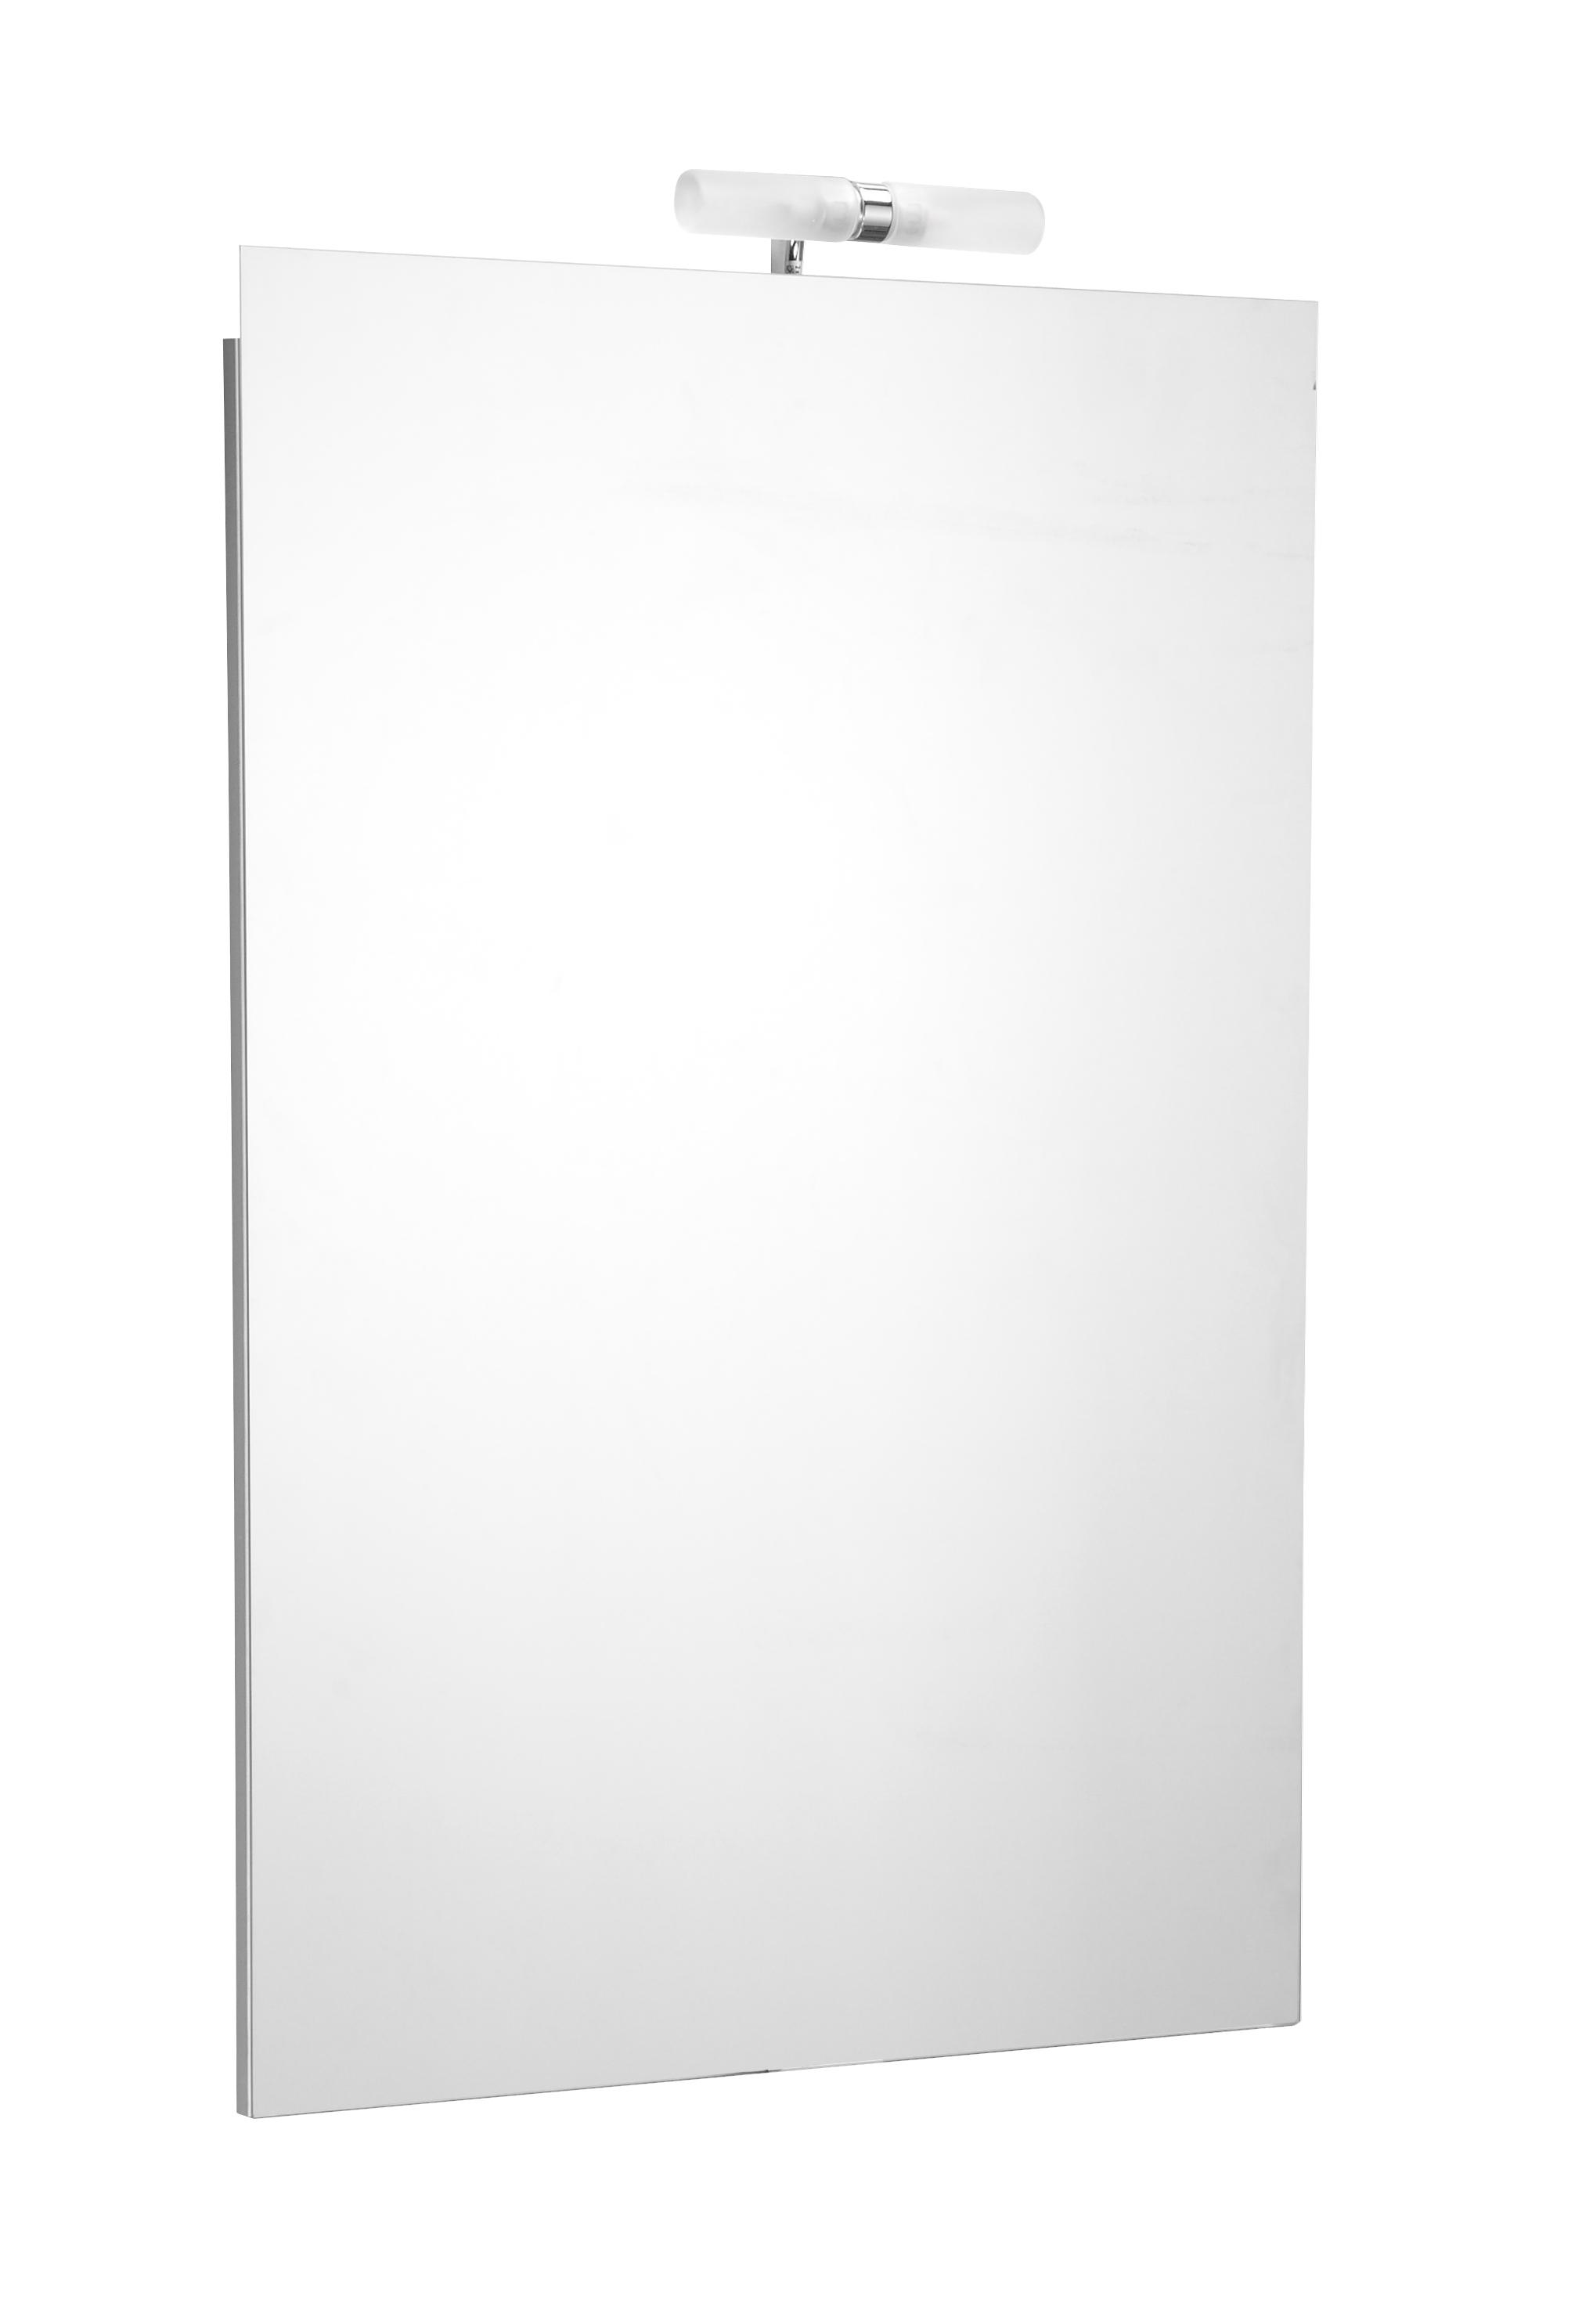 Miroir de salle de bain miroir credo aquarine pro for Miroir hd pro